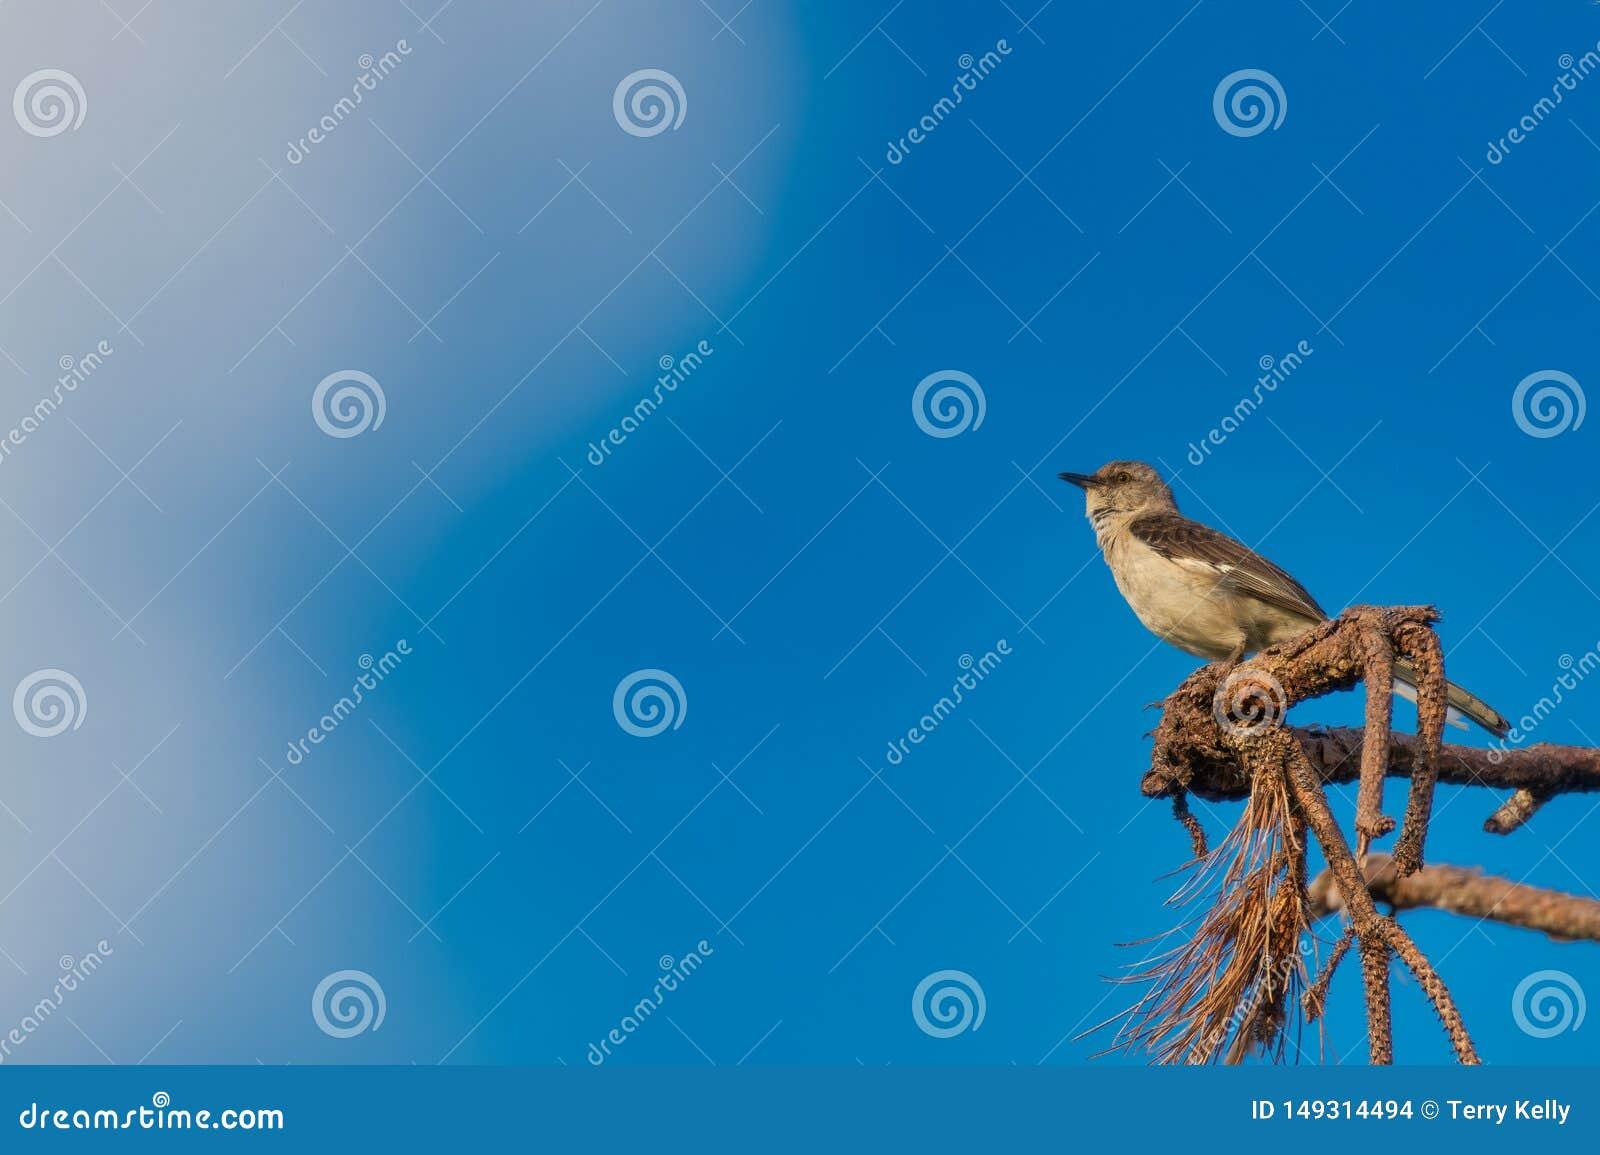 Mocking bird stock photo  Image of feather, feathers - 149314494